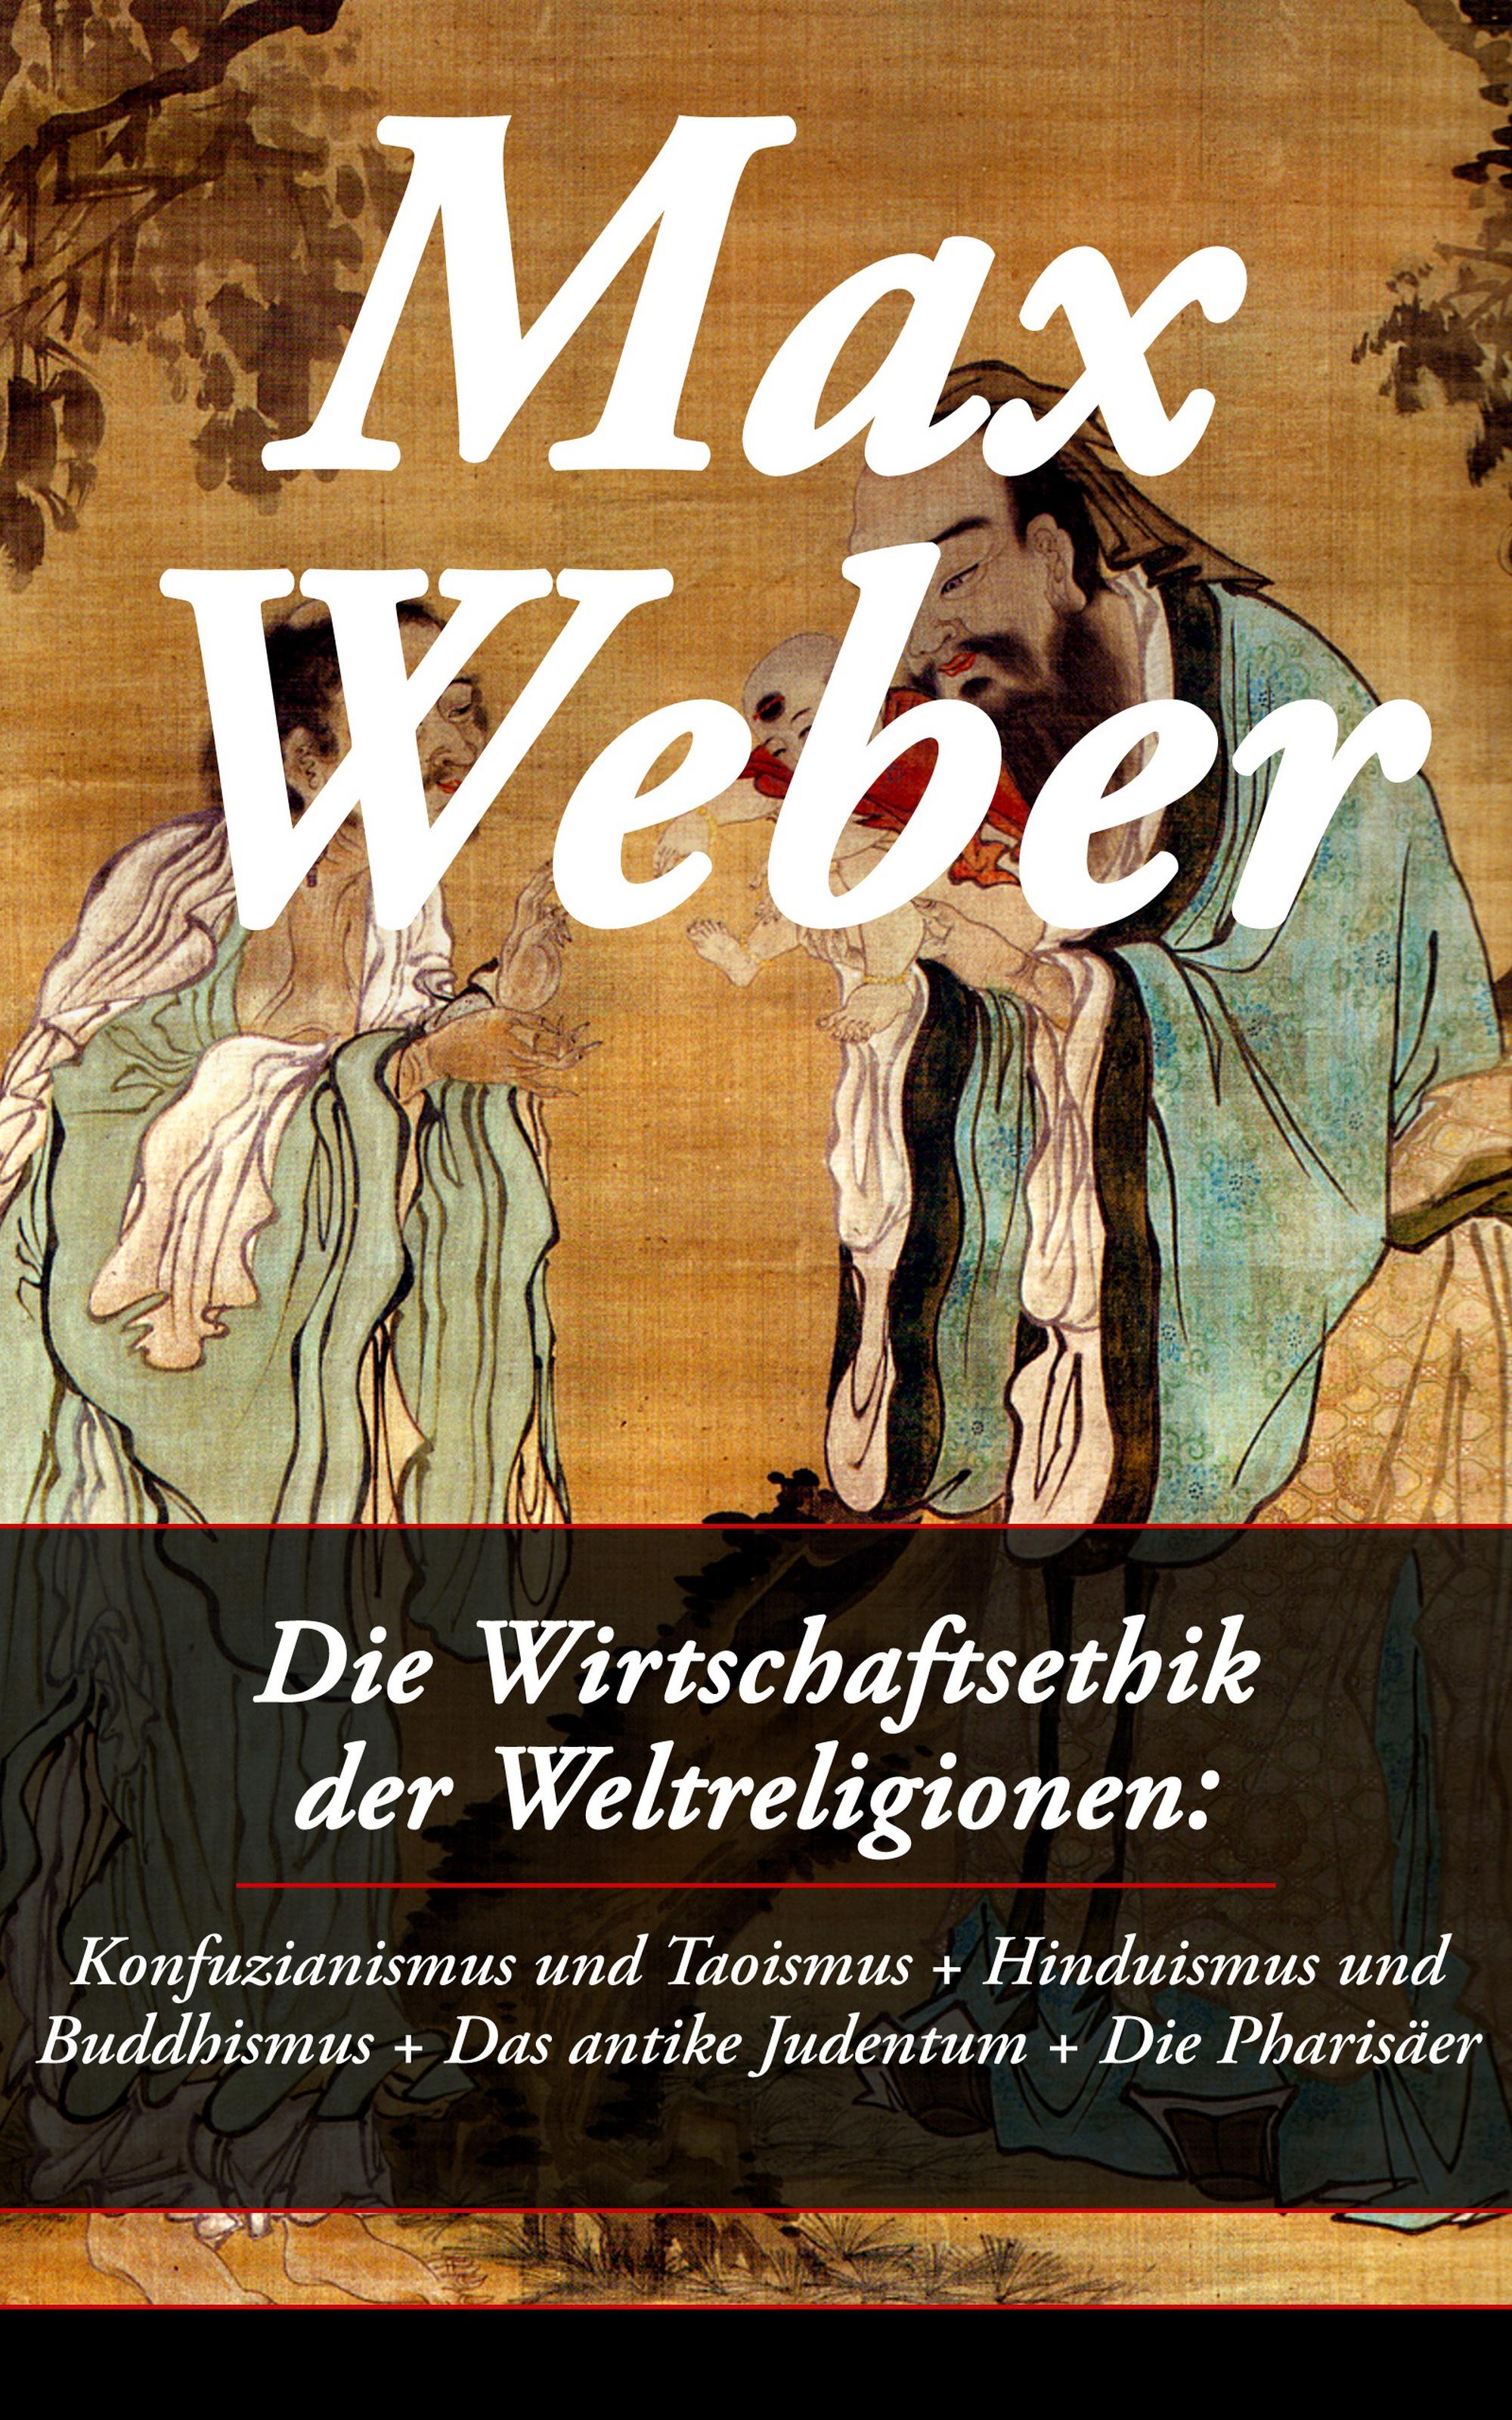 Max Weber Die Wirtschaftsethik der Weltreligionen: Konfuzianismus und Taoismus + Hinduismus und Buddhismus + Das antike Judentum + Die Pharisäer